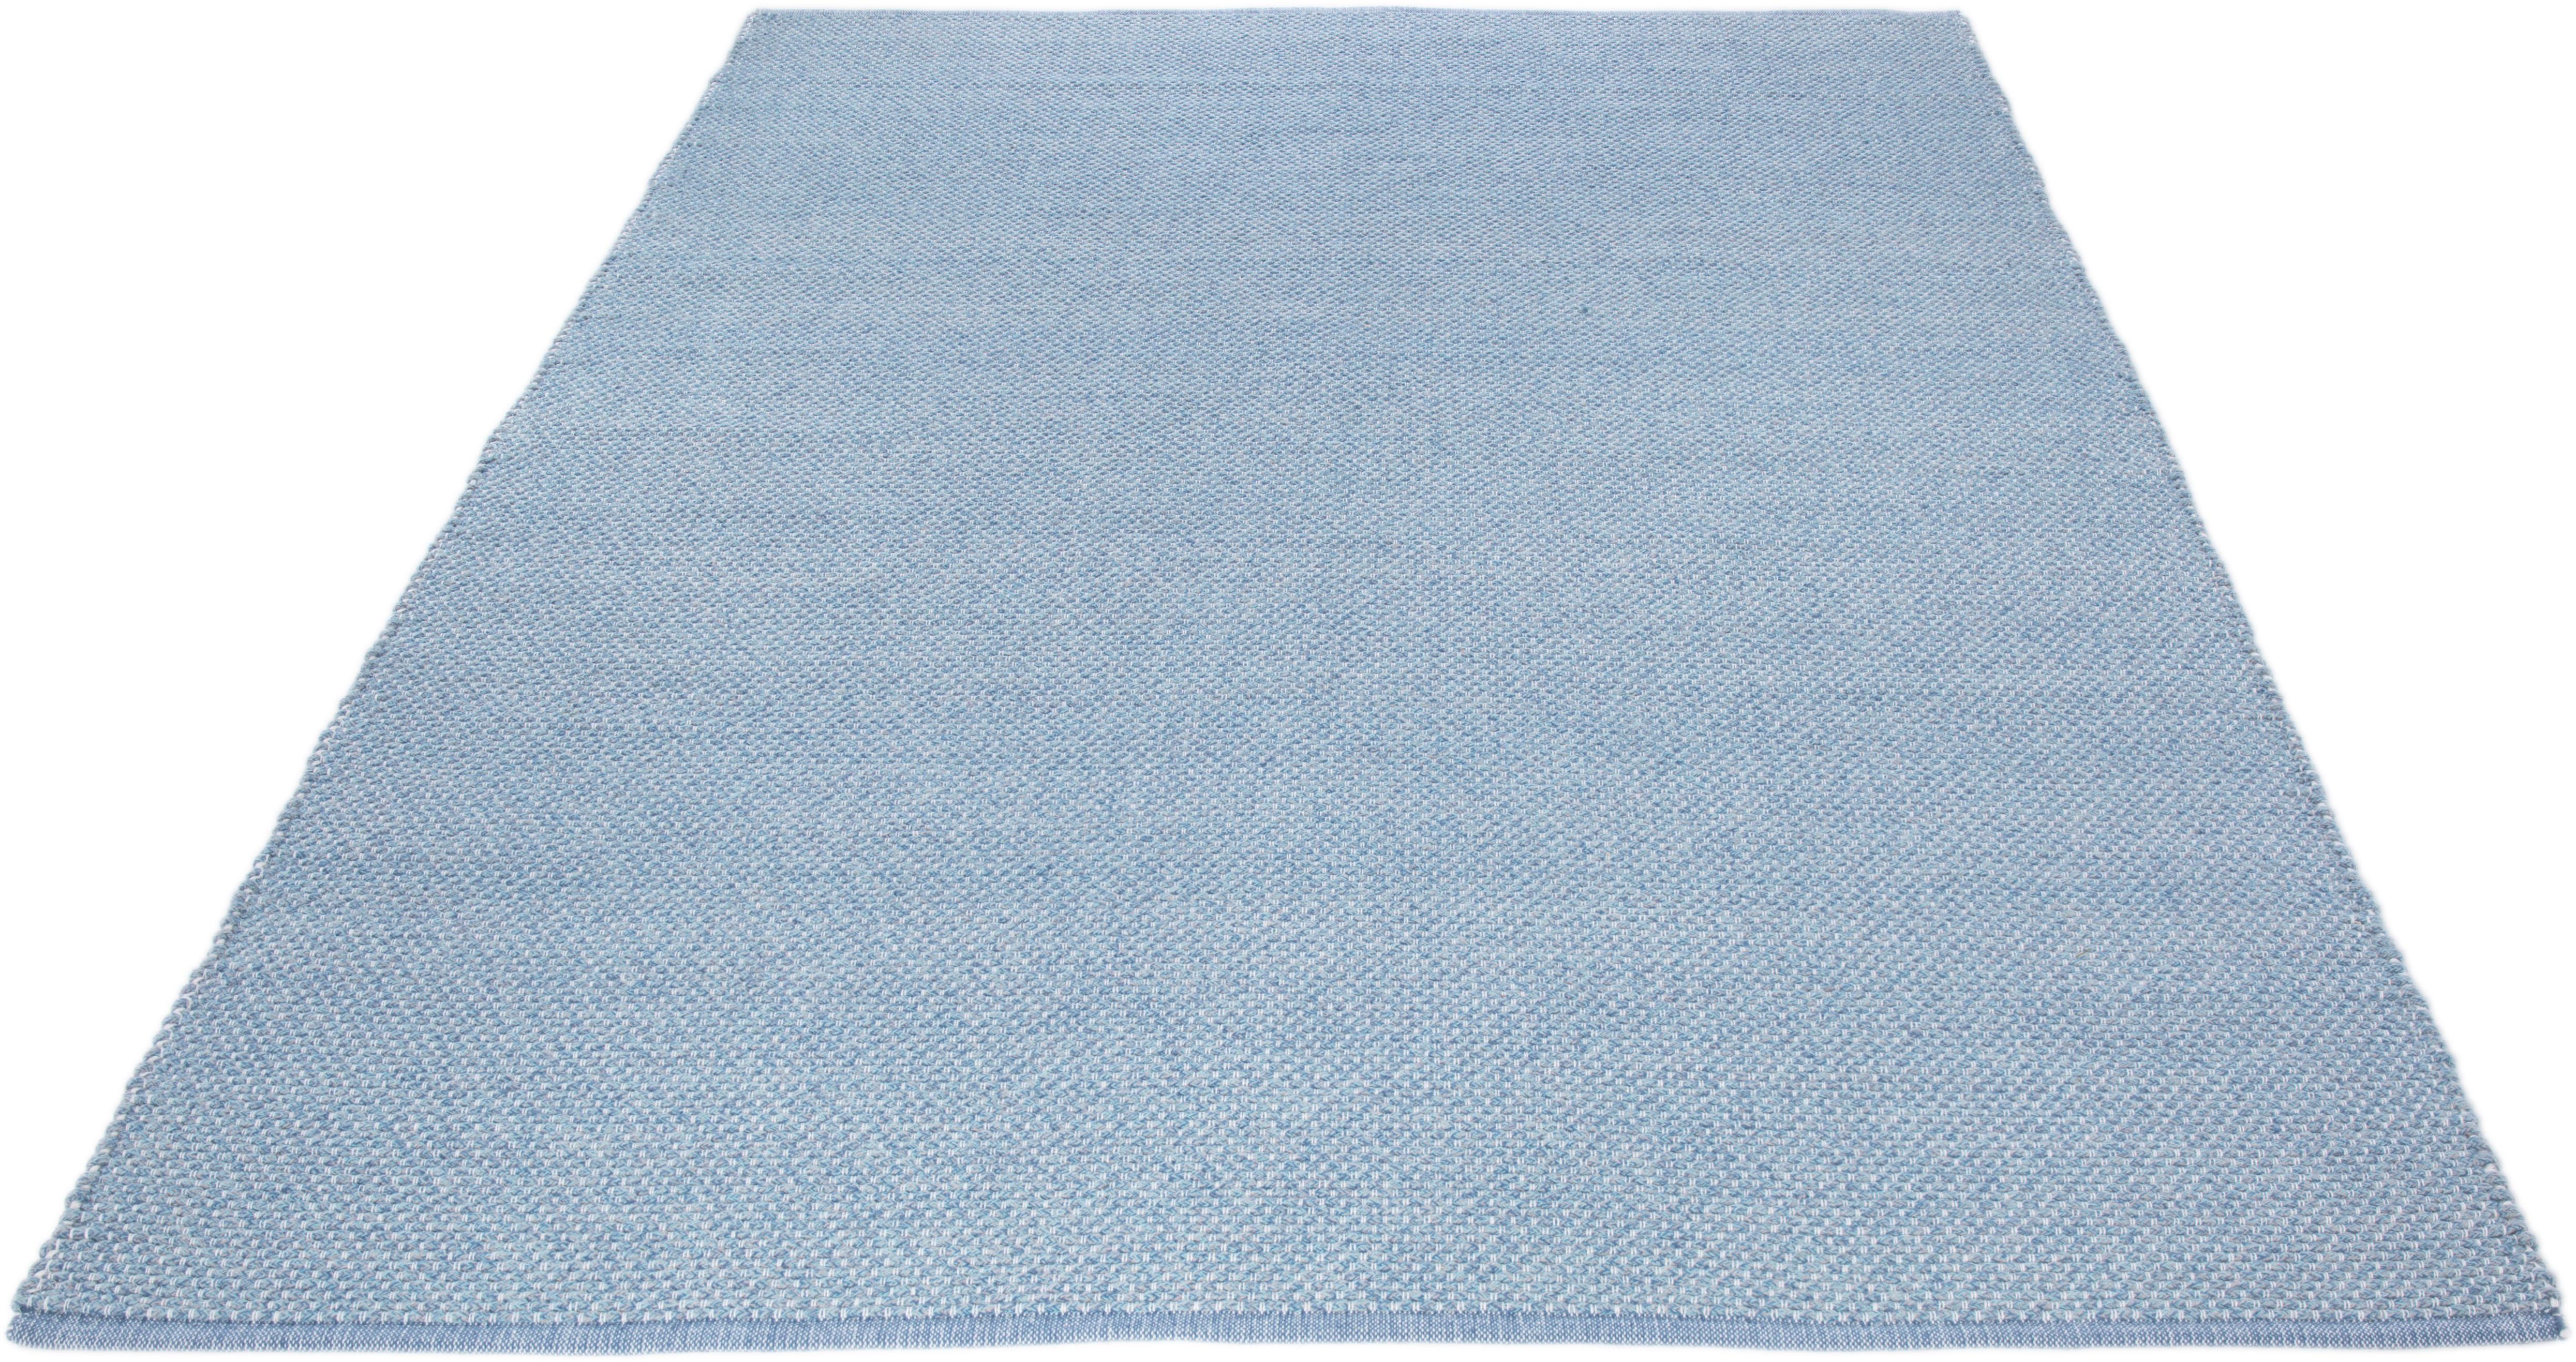 Teppich, »Liv«, Wohnidee, rechteckig, Höhe 12 mm, handgewebt